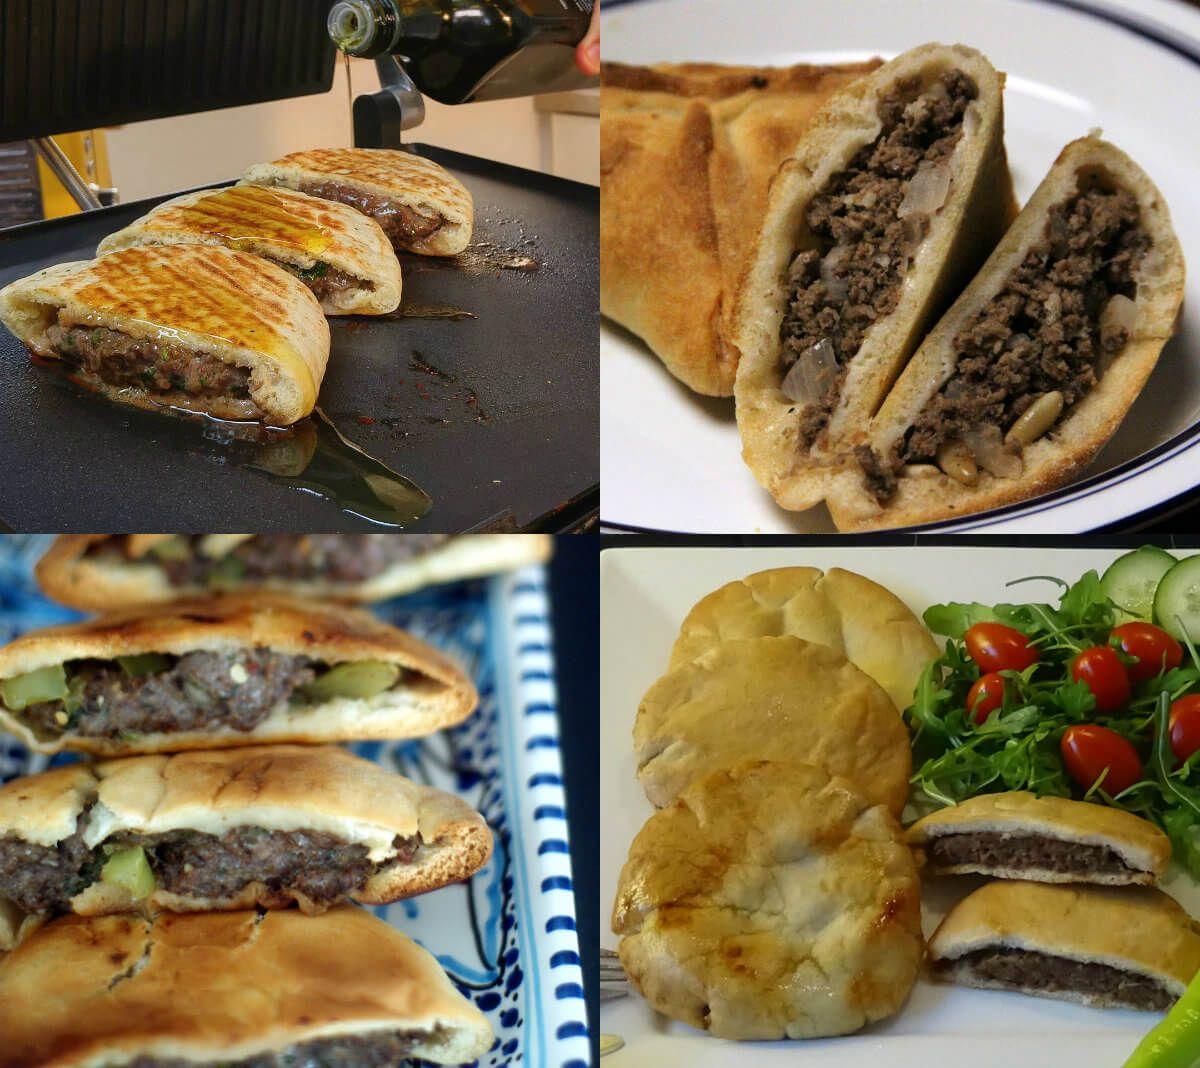 عالم الطبخ والجمال الحواوشي المصري Recipes Food Mediterranean Recipes